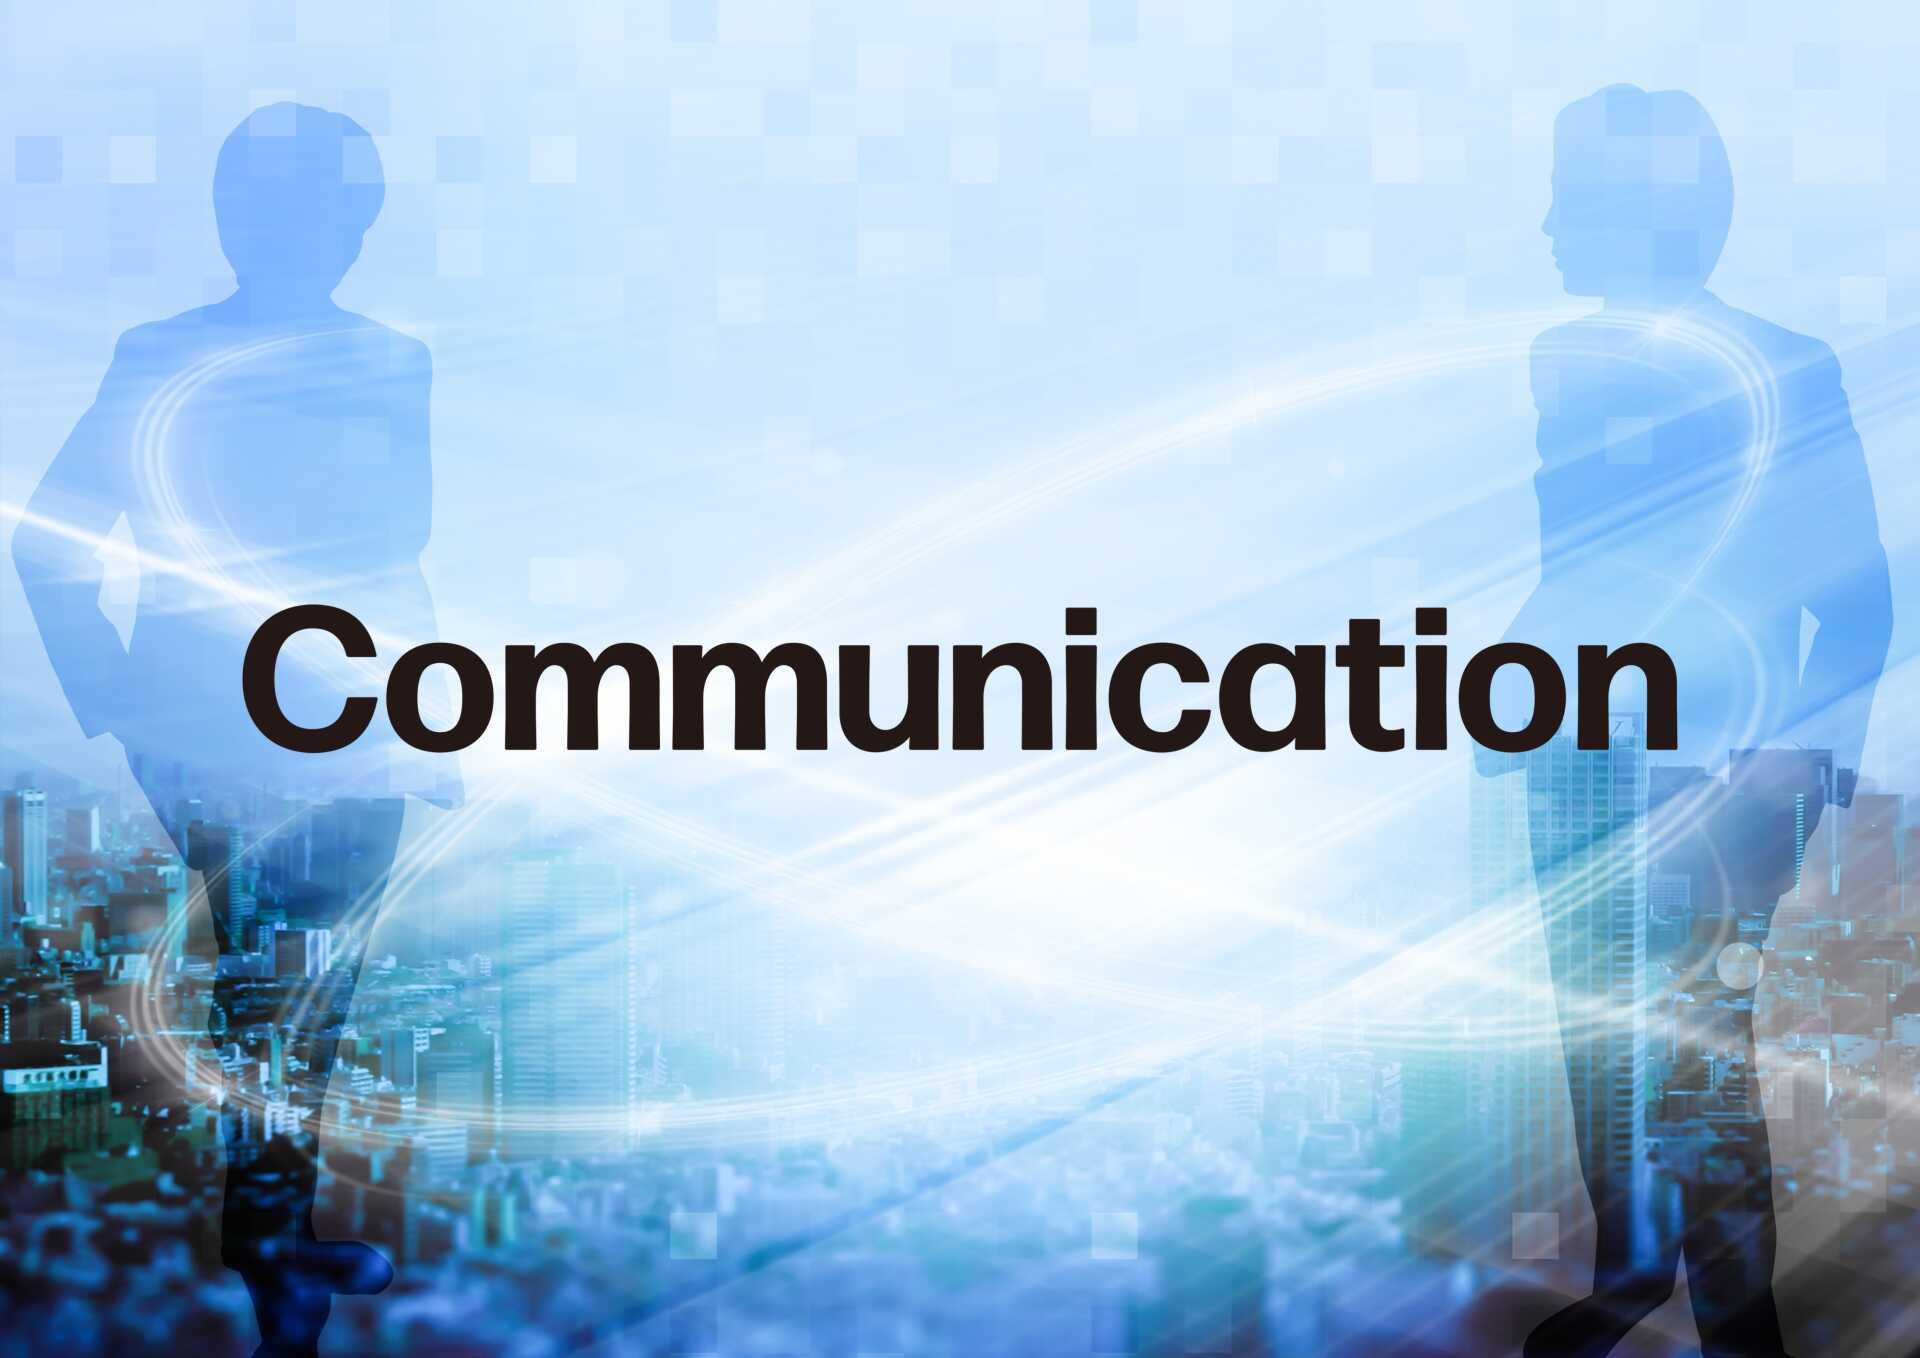 コミュ障に向いてる仕事は?-コミュニケーションが苦手な人におすすめの仕事-